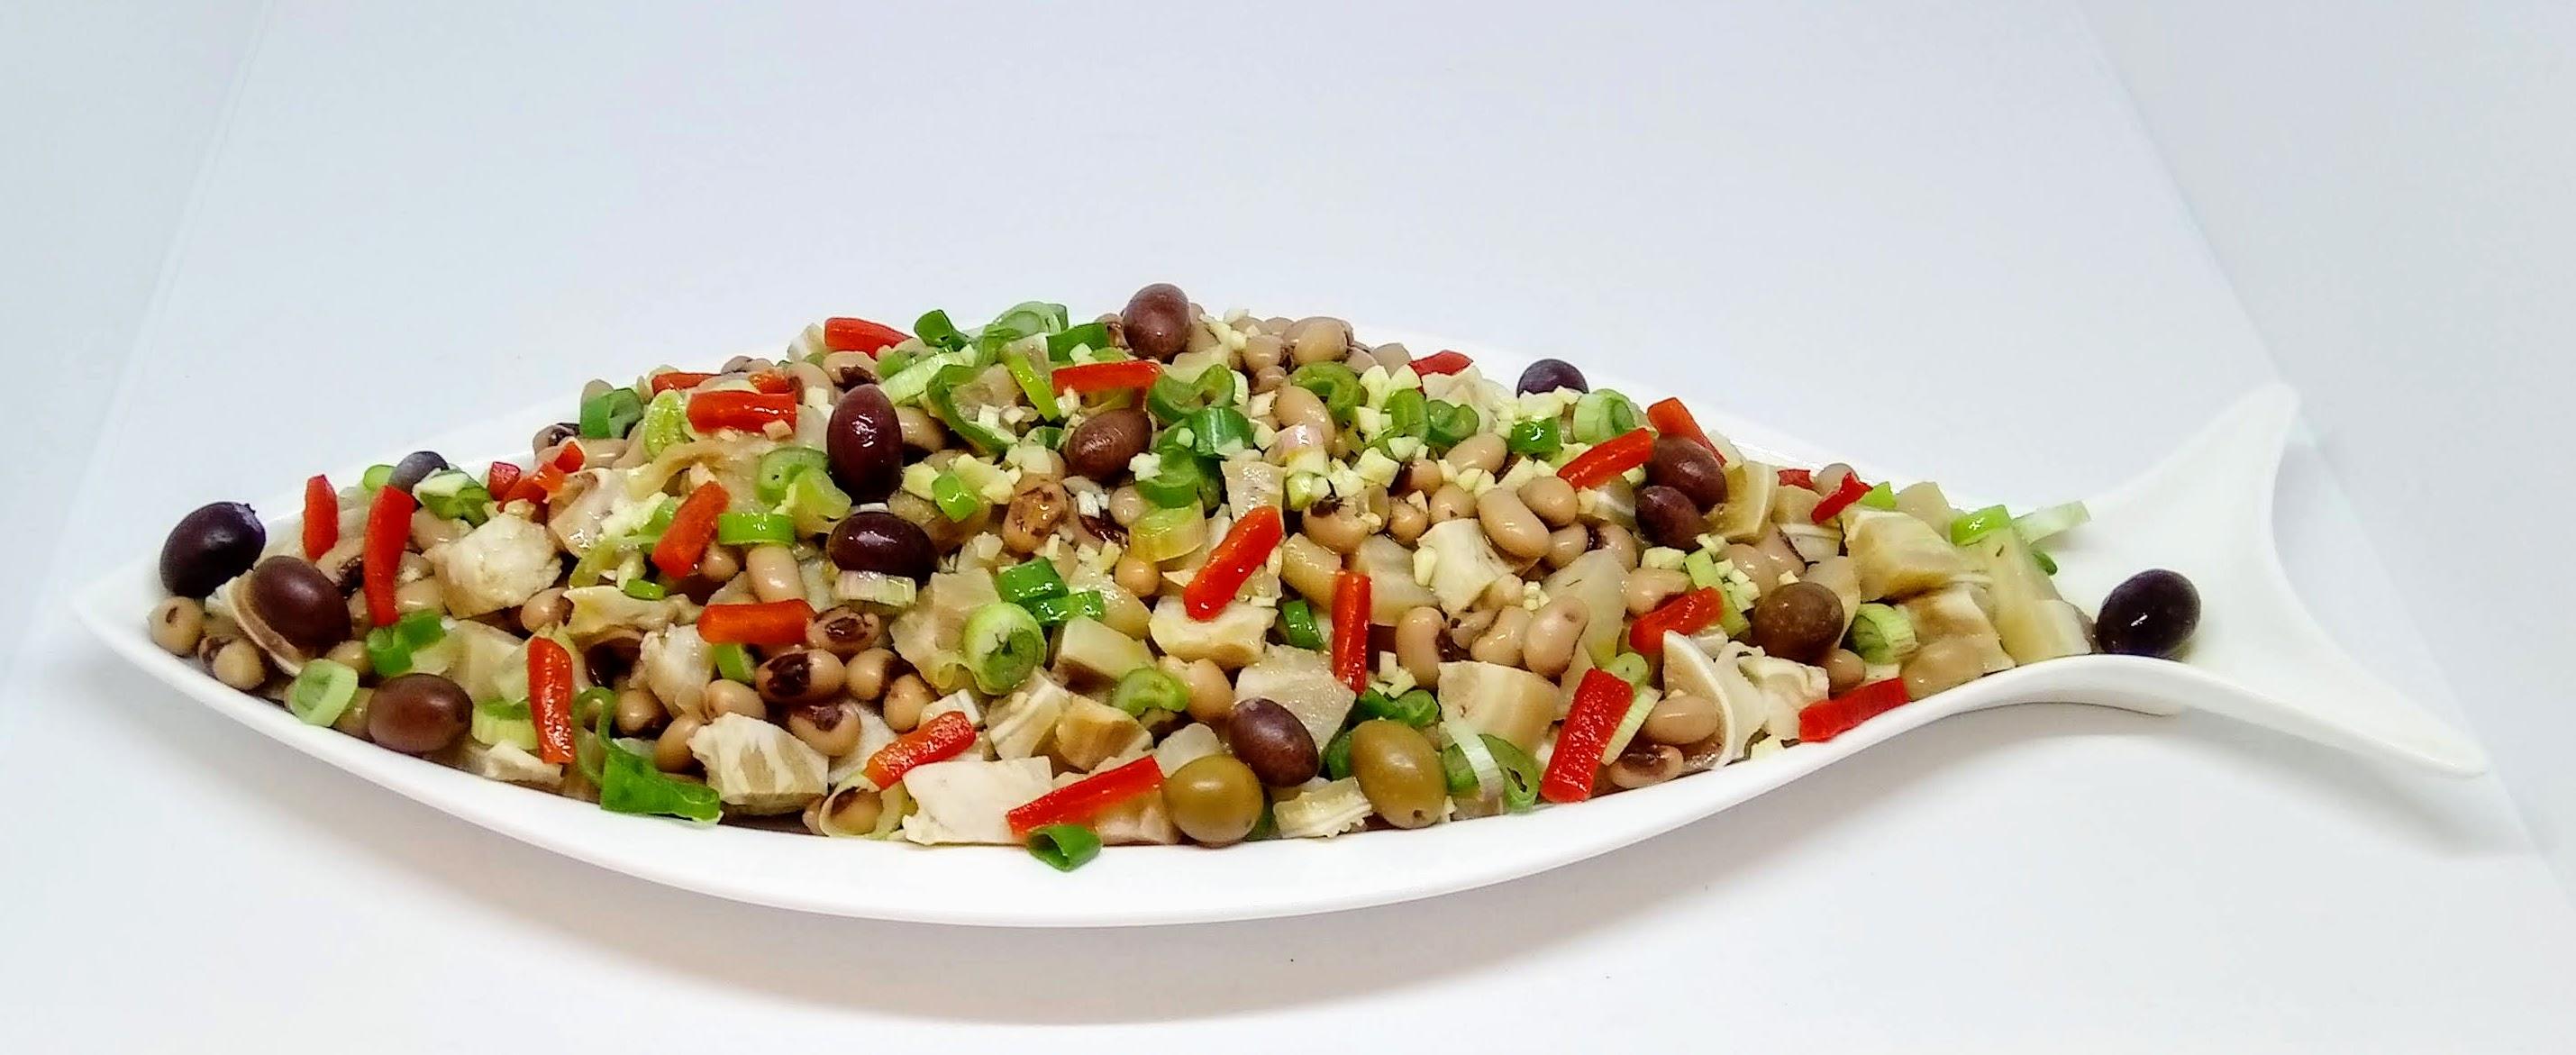 Salada de Orelha com Feijão Frade